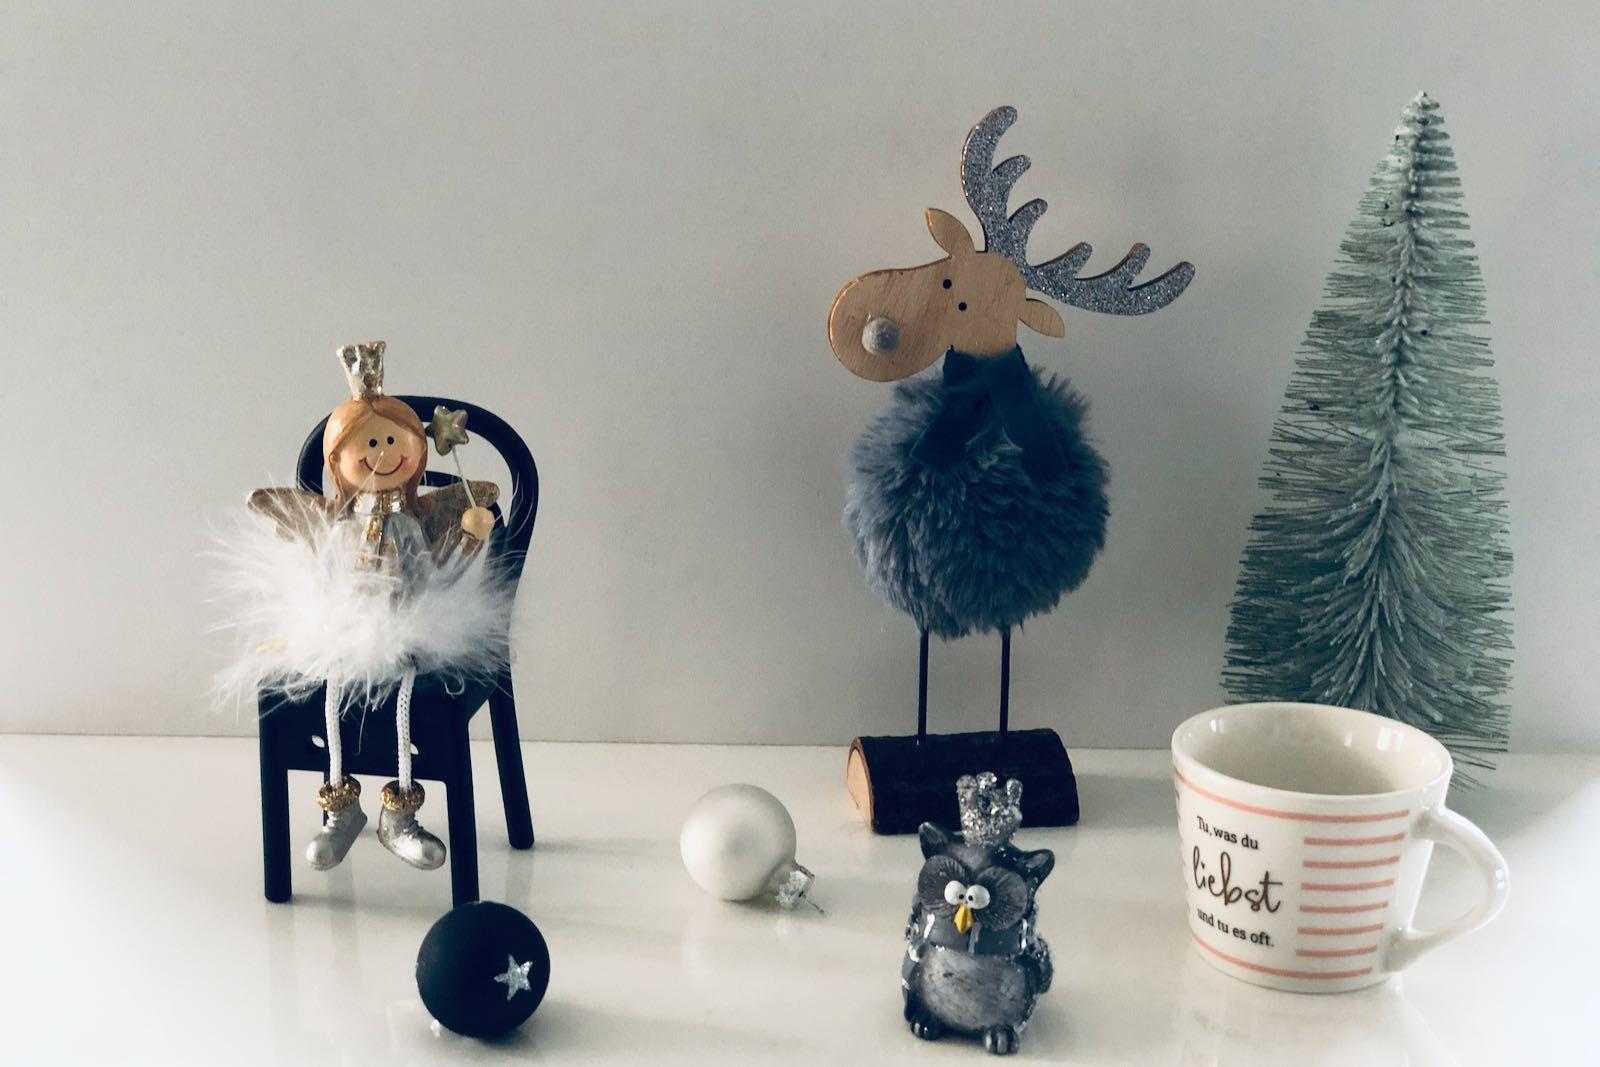 Ist denn schon bald Weihnachten?!